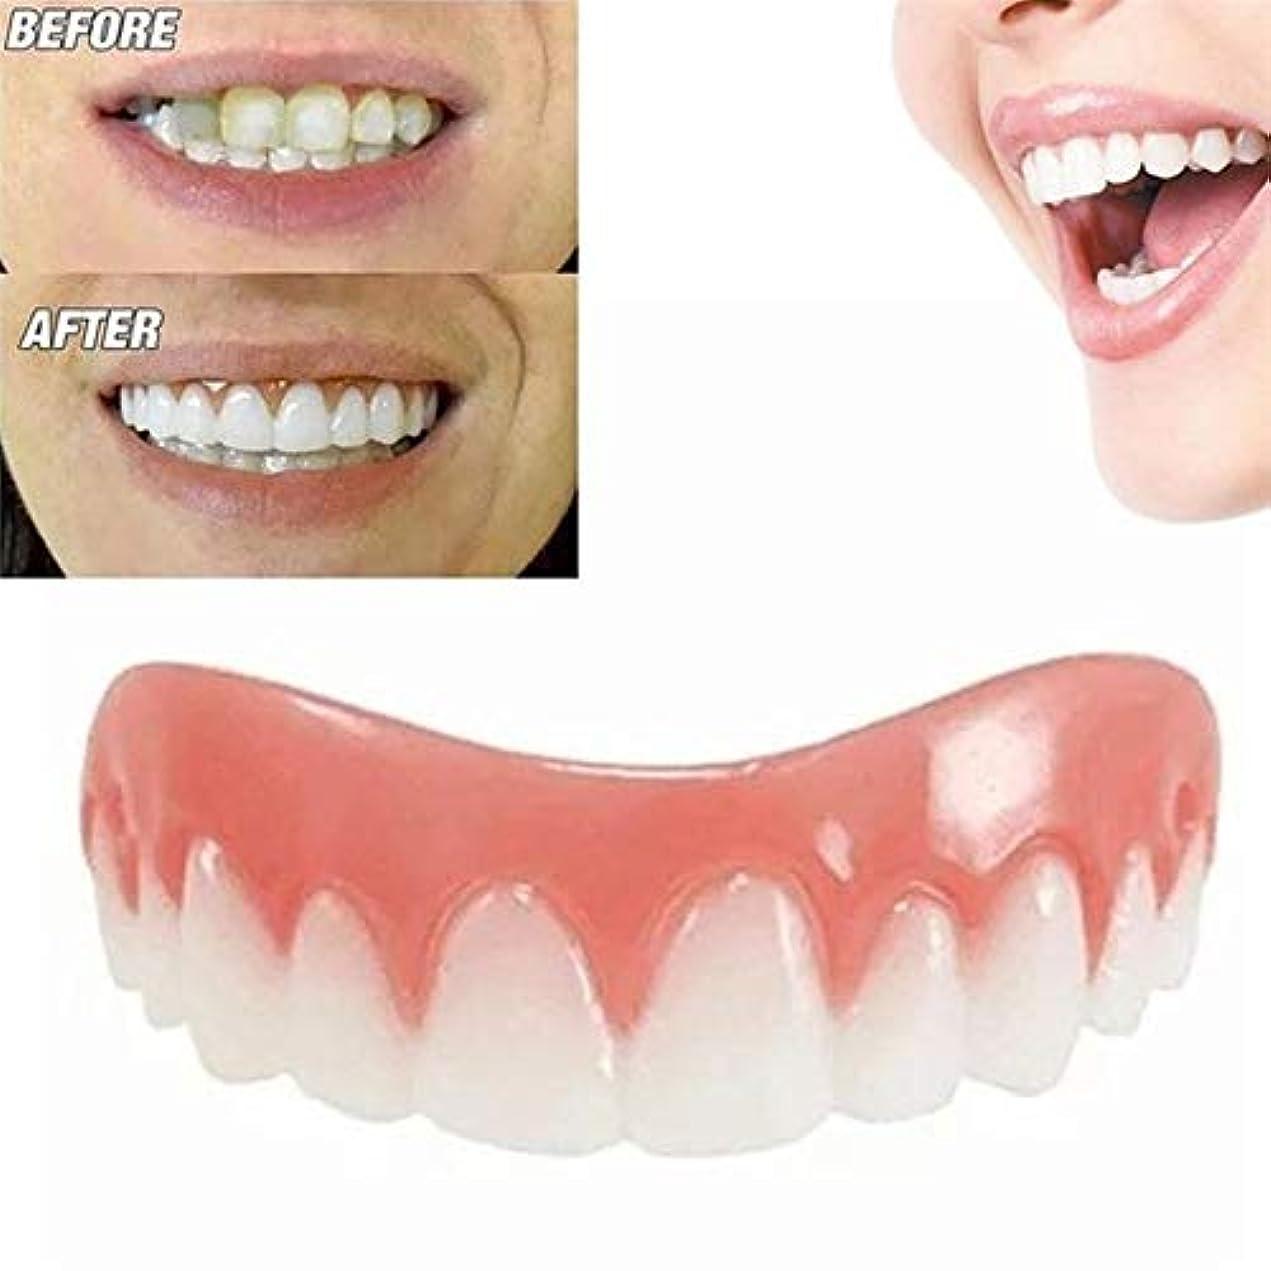 権限物理的な極小30個完璧な笑顔のベニヤ偽の歯アッパー偽の歯のカバー悪い歯のための歯のためのあなたに与えます完璧な笑顔のベニヤ - ワンサイズフィット